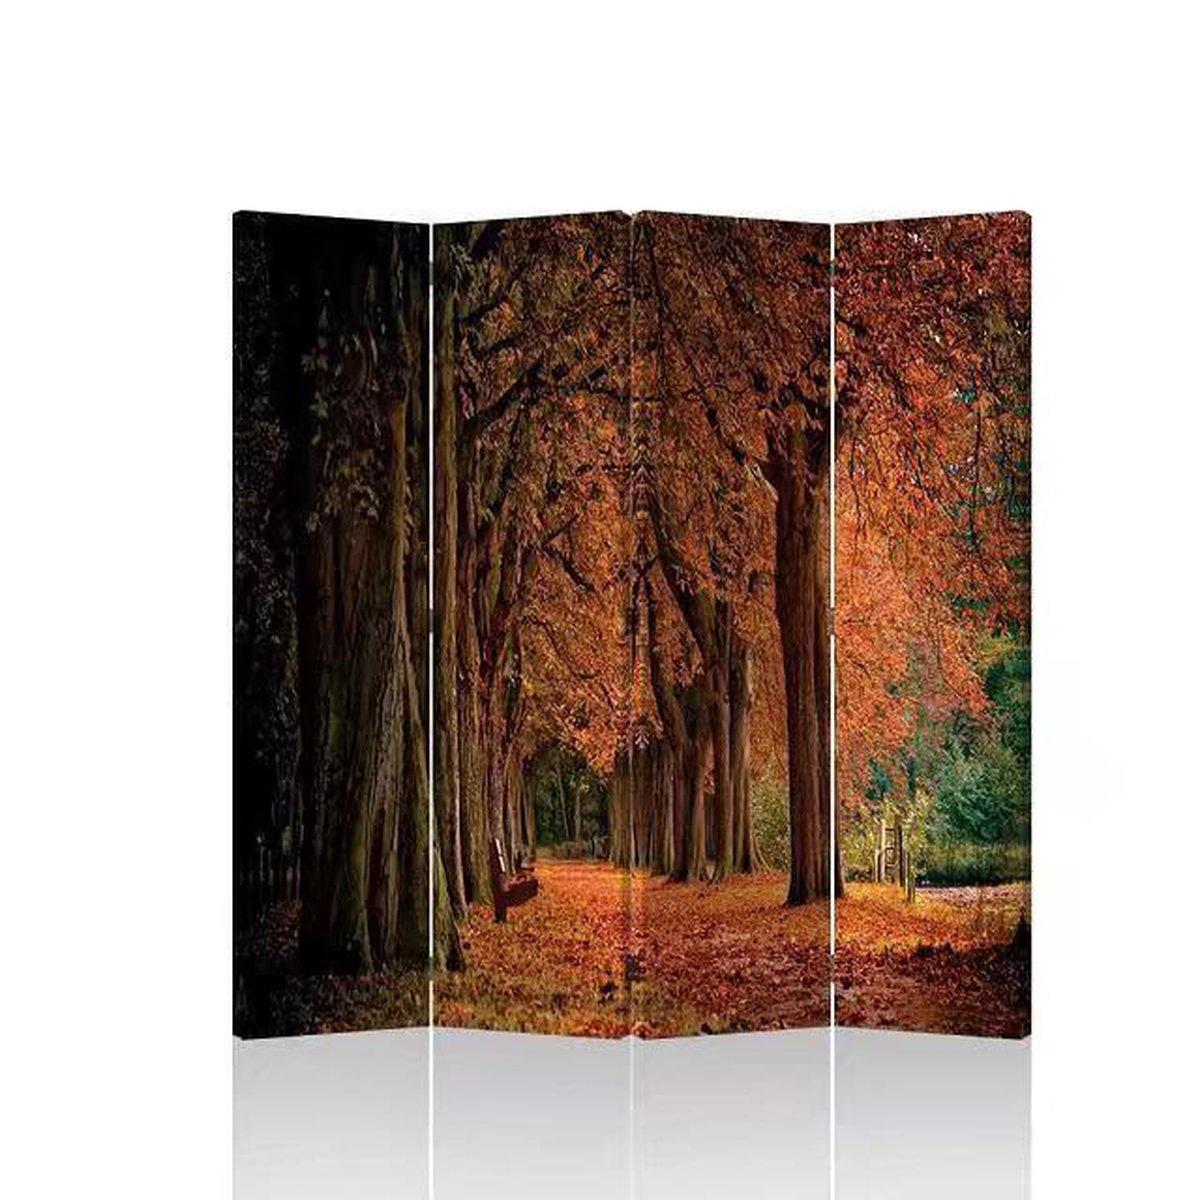 Orientique Kamerscherm 4 Panelen Autumn Forest Canvas Room Divider - Orientique